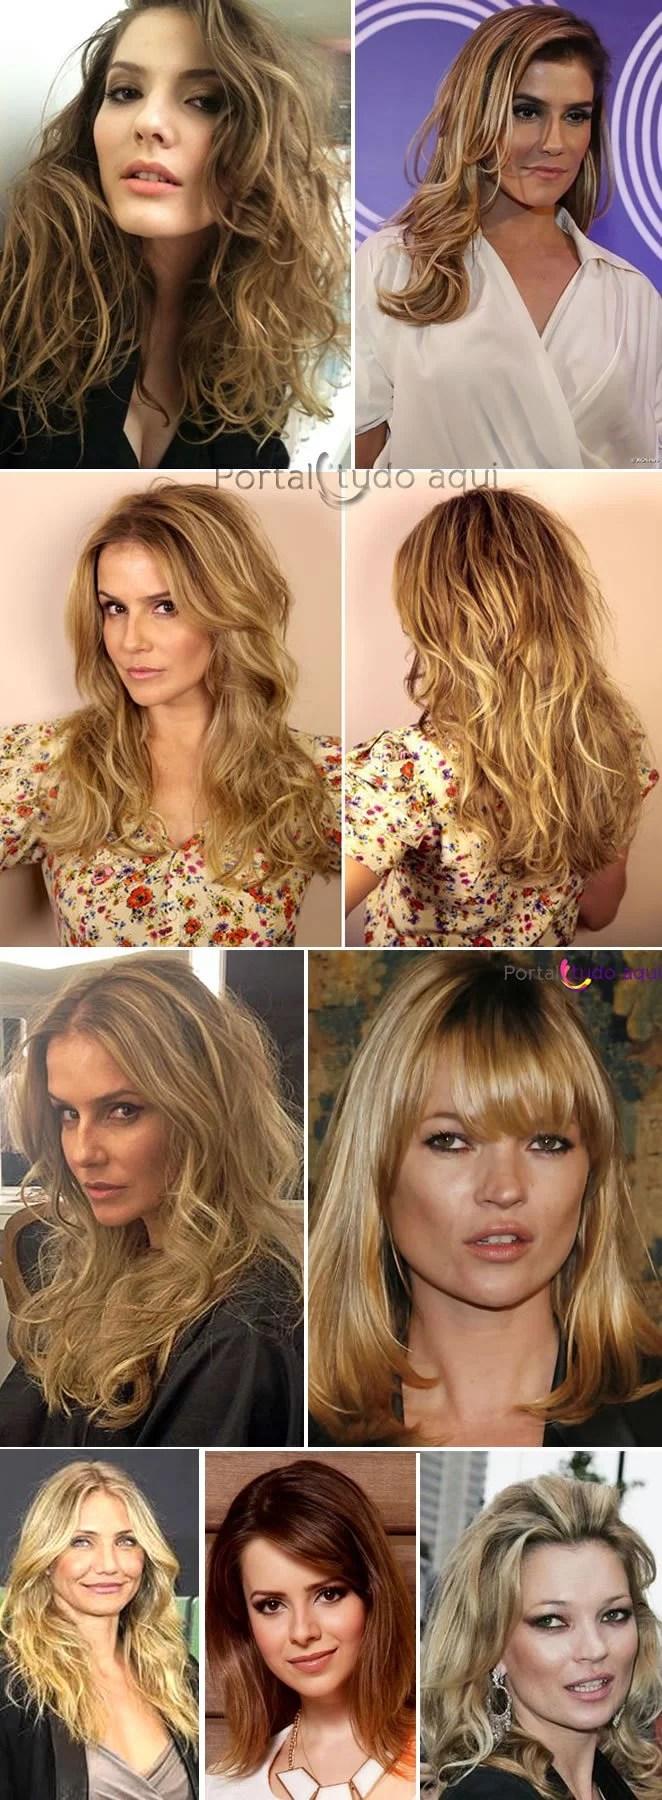 corte e cor para cabelo fino - cabelo corte medio